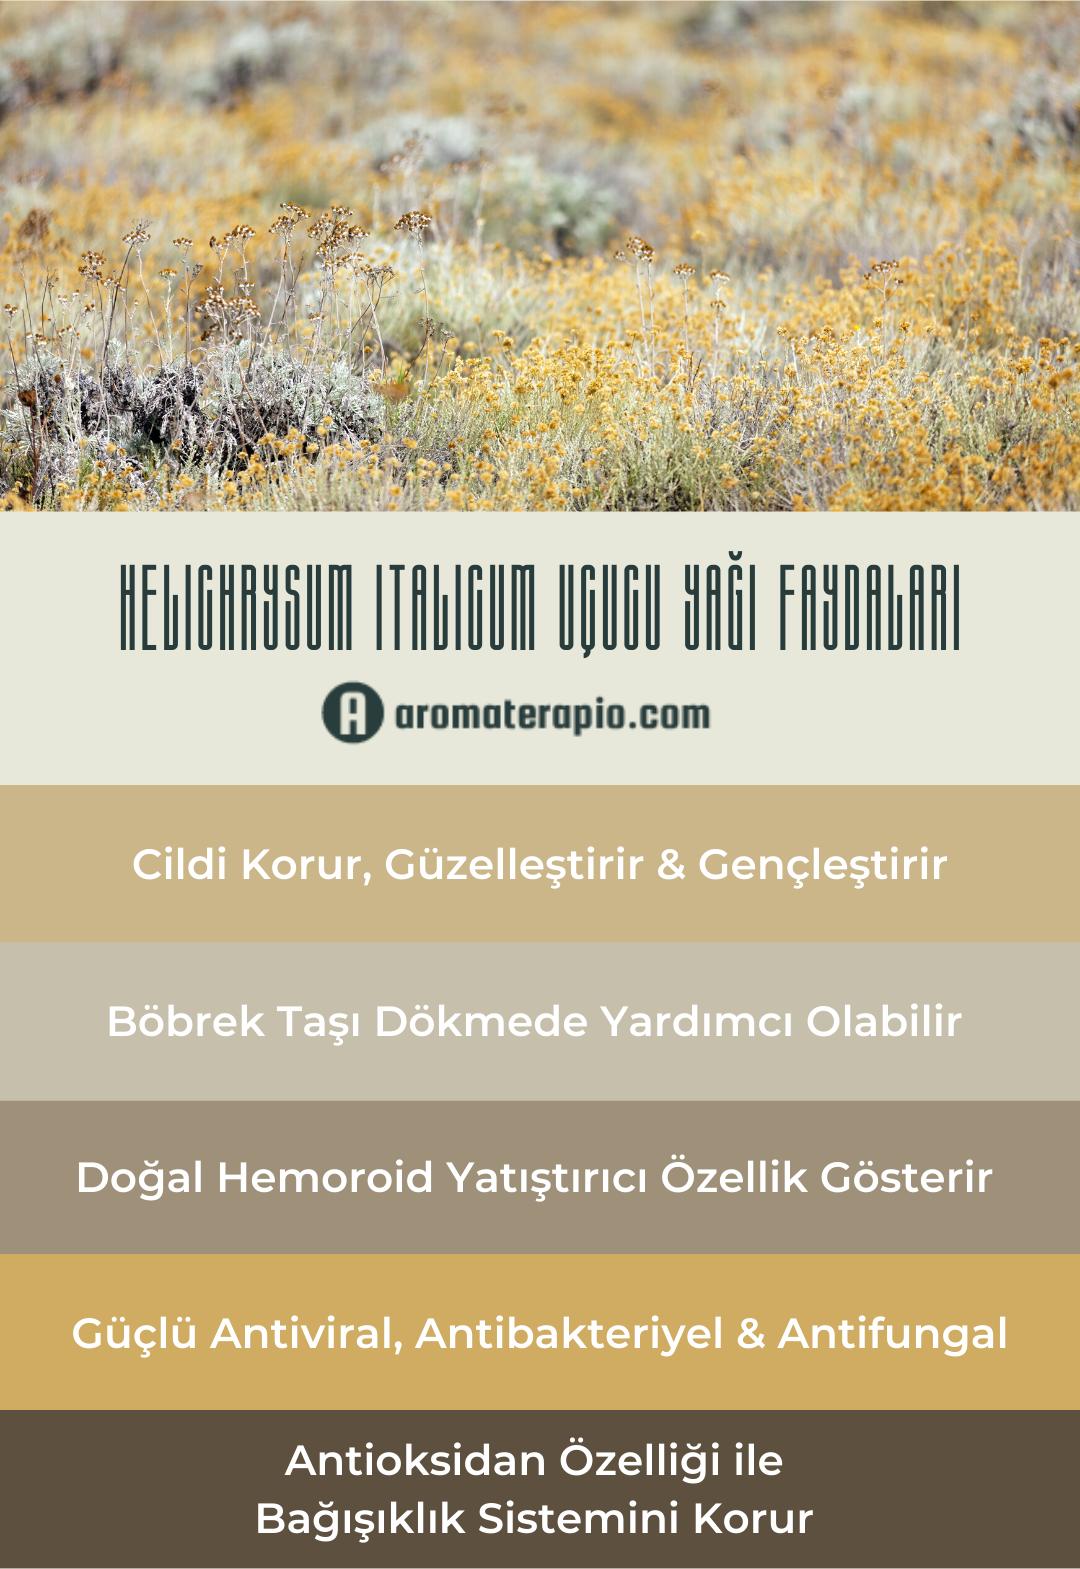 helichrysum italicum Uçucu Yağı Faydaları Infografik